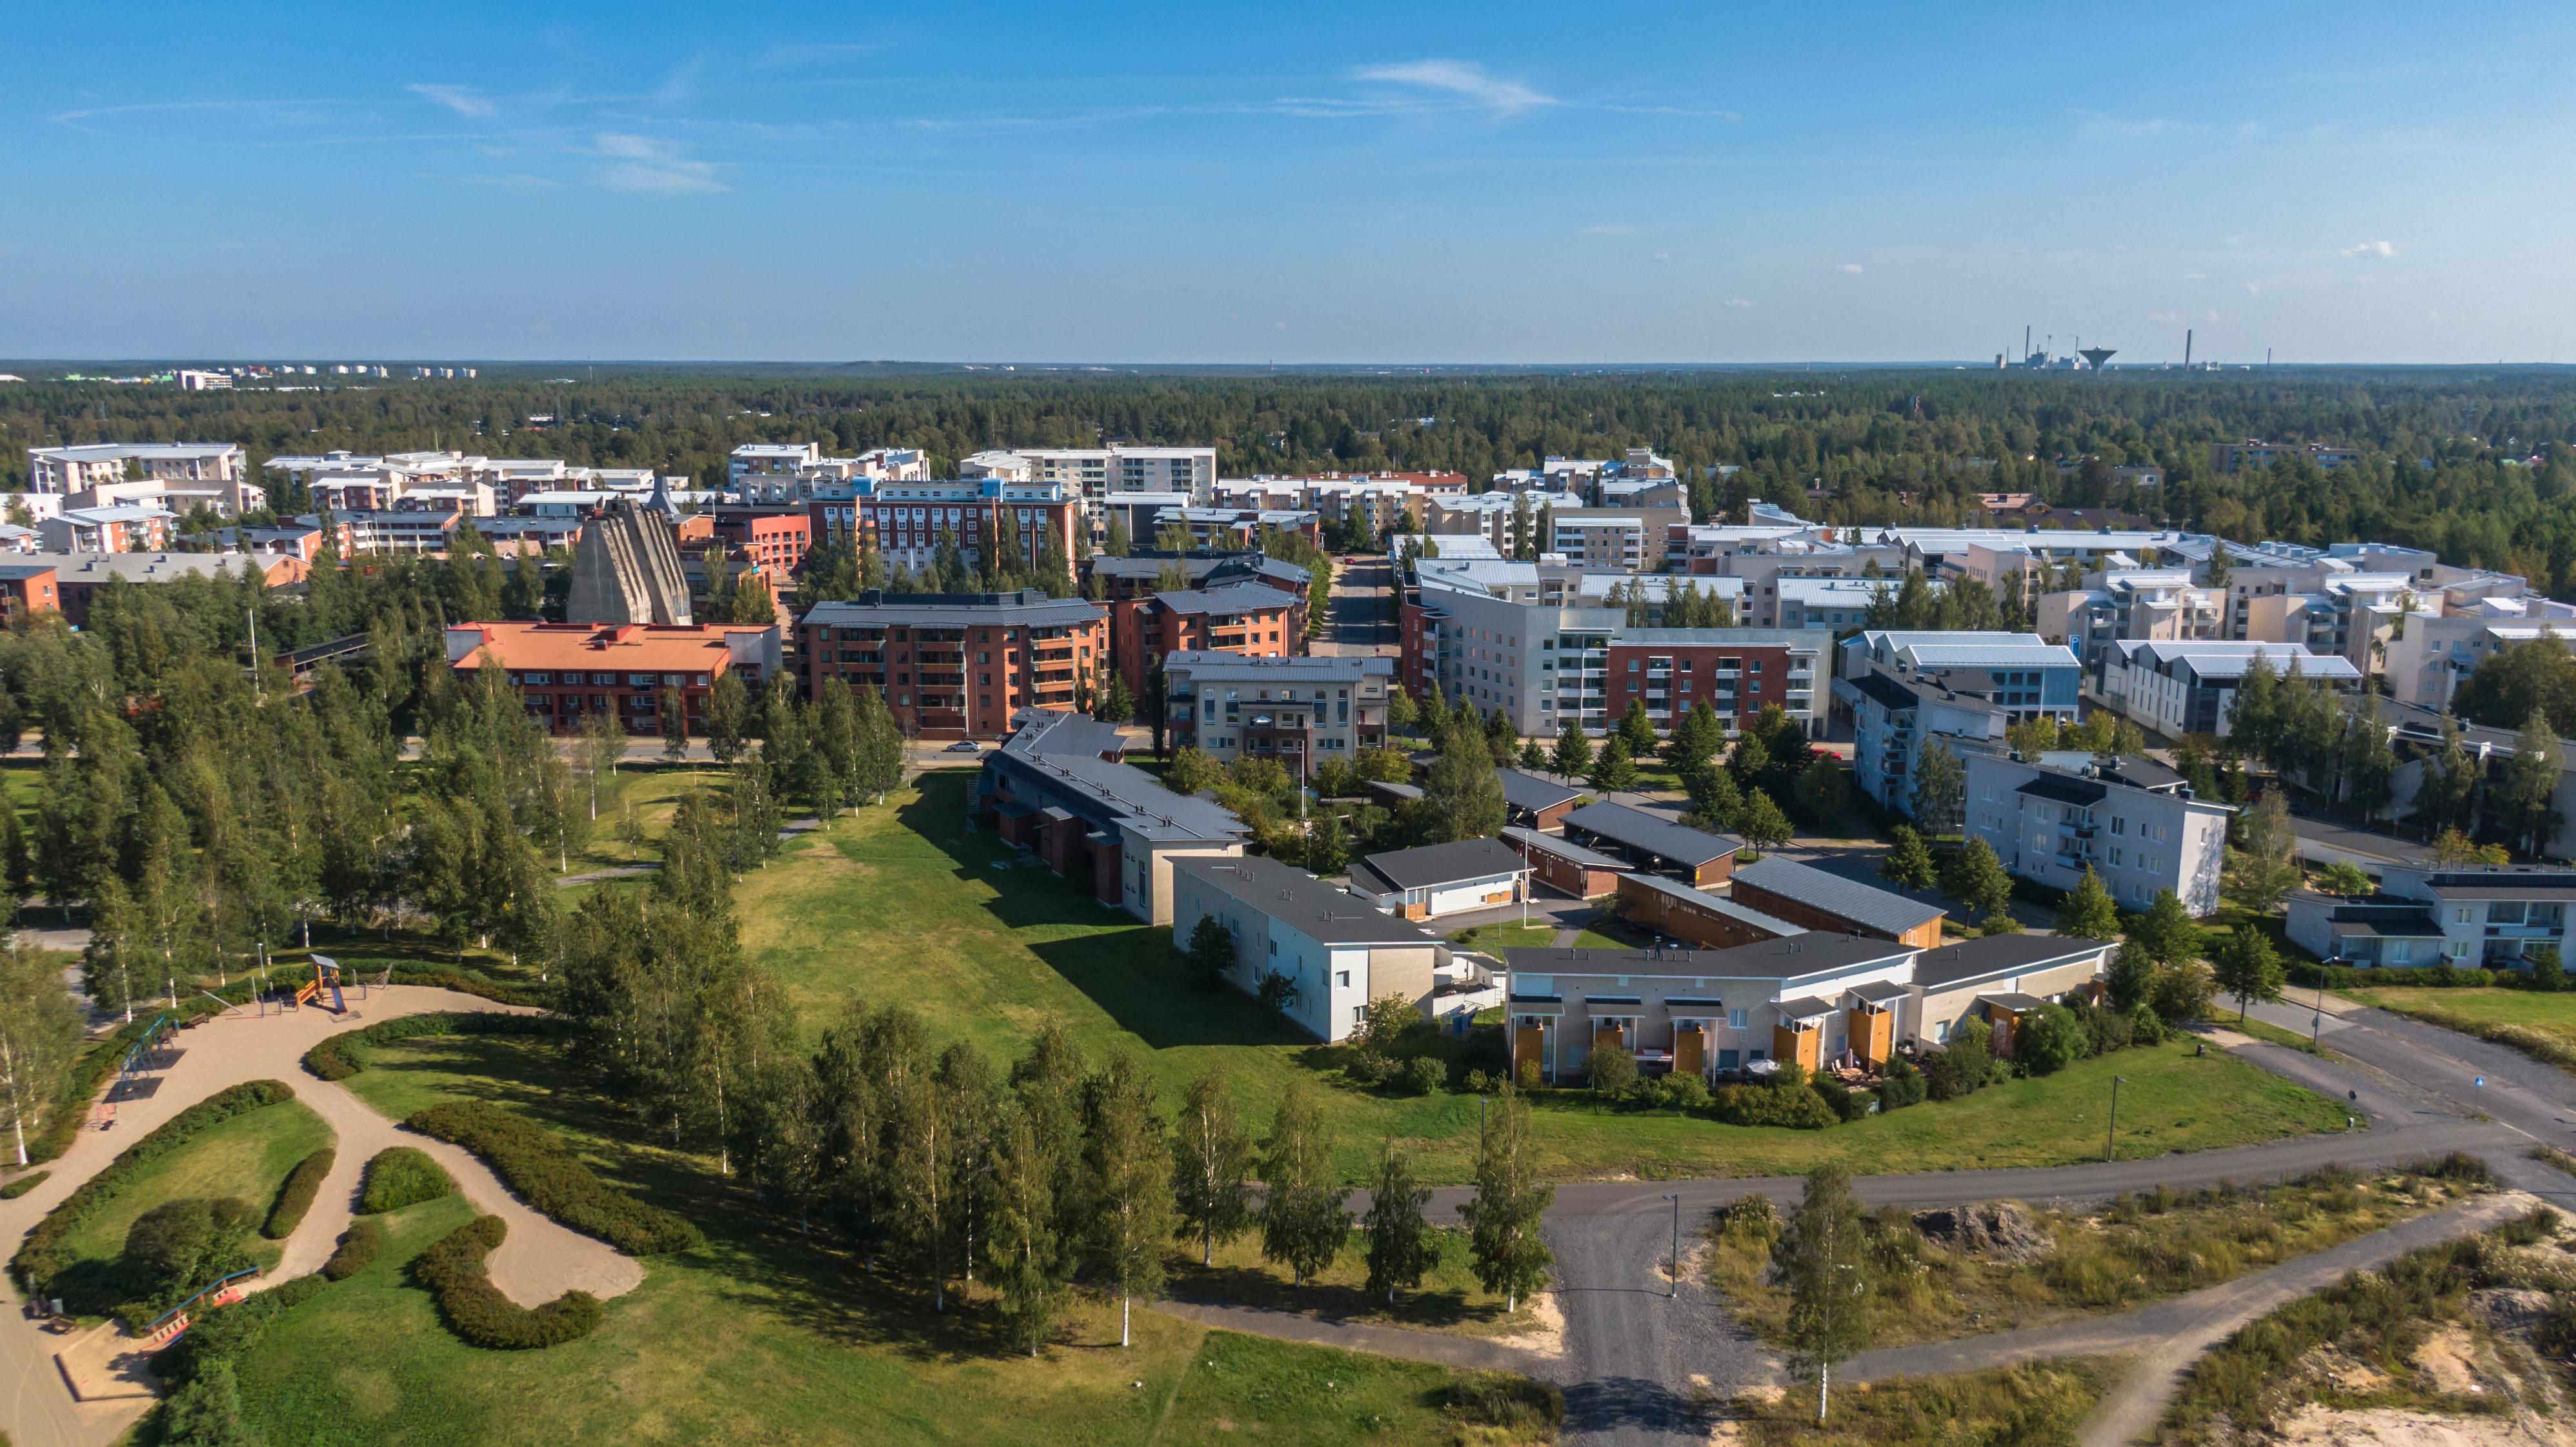 Ilmasta dronen avulla otettu kuva Toppilan kaupunginosasta Oulusta. Puistoaluetta ja kerrostaloja.